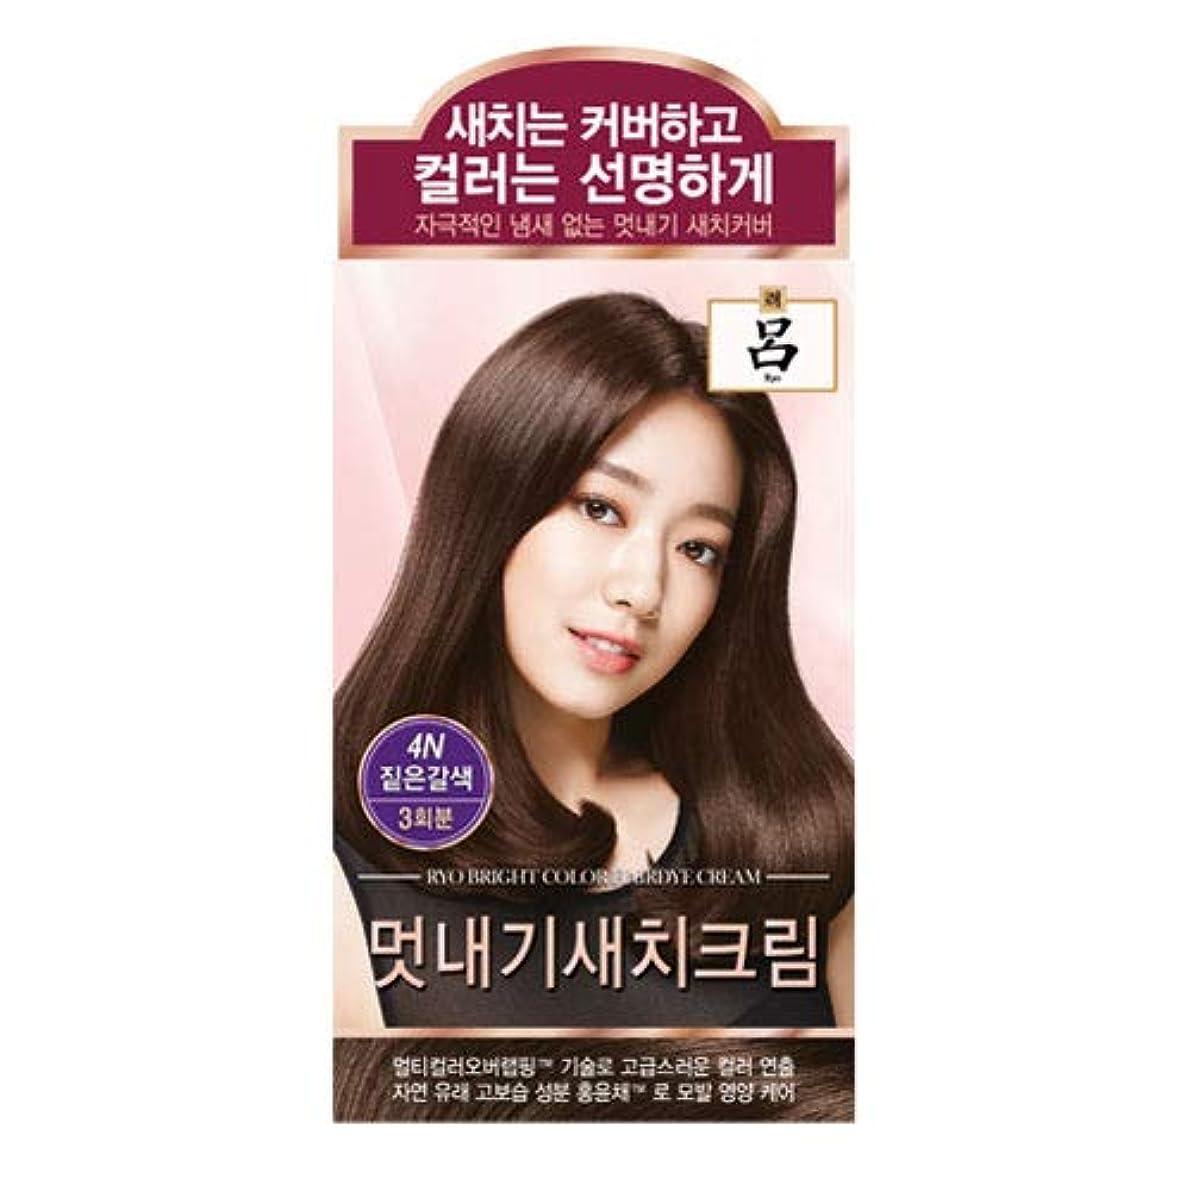 概念シールコロニーアモーレパシフィック呂[AMOREPACIFIC/Ryo] ブライトカラーヘアアイクリーム 4N ディープブラウン/Bright Color Hairdye Cream 4N Deep Brown